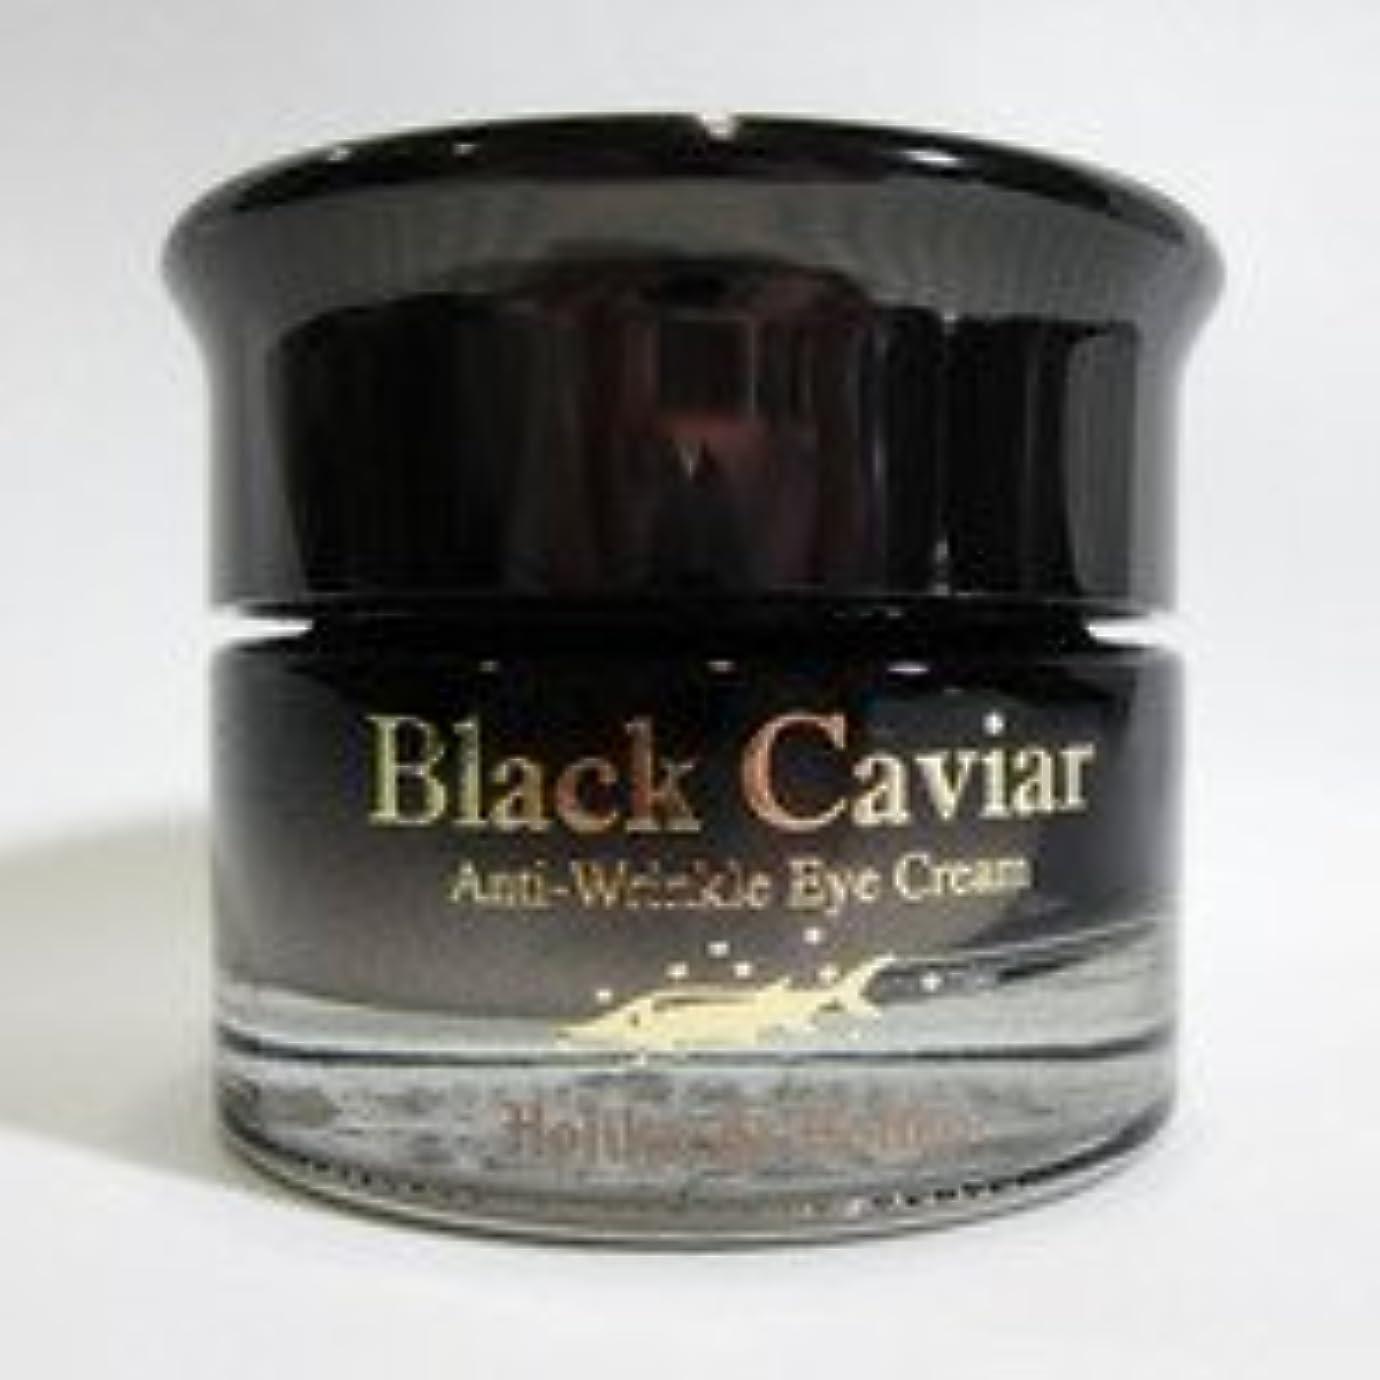 債権者激怒慰めHolika Holika ホリカホリカ ブラックキャビア アンチリンクル クリーム Black Caviar Anti-Wrinkle Cream